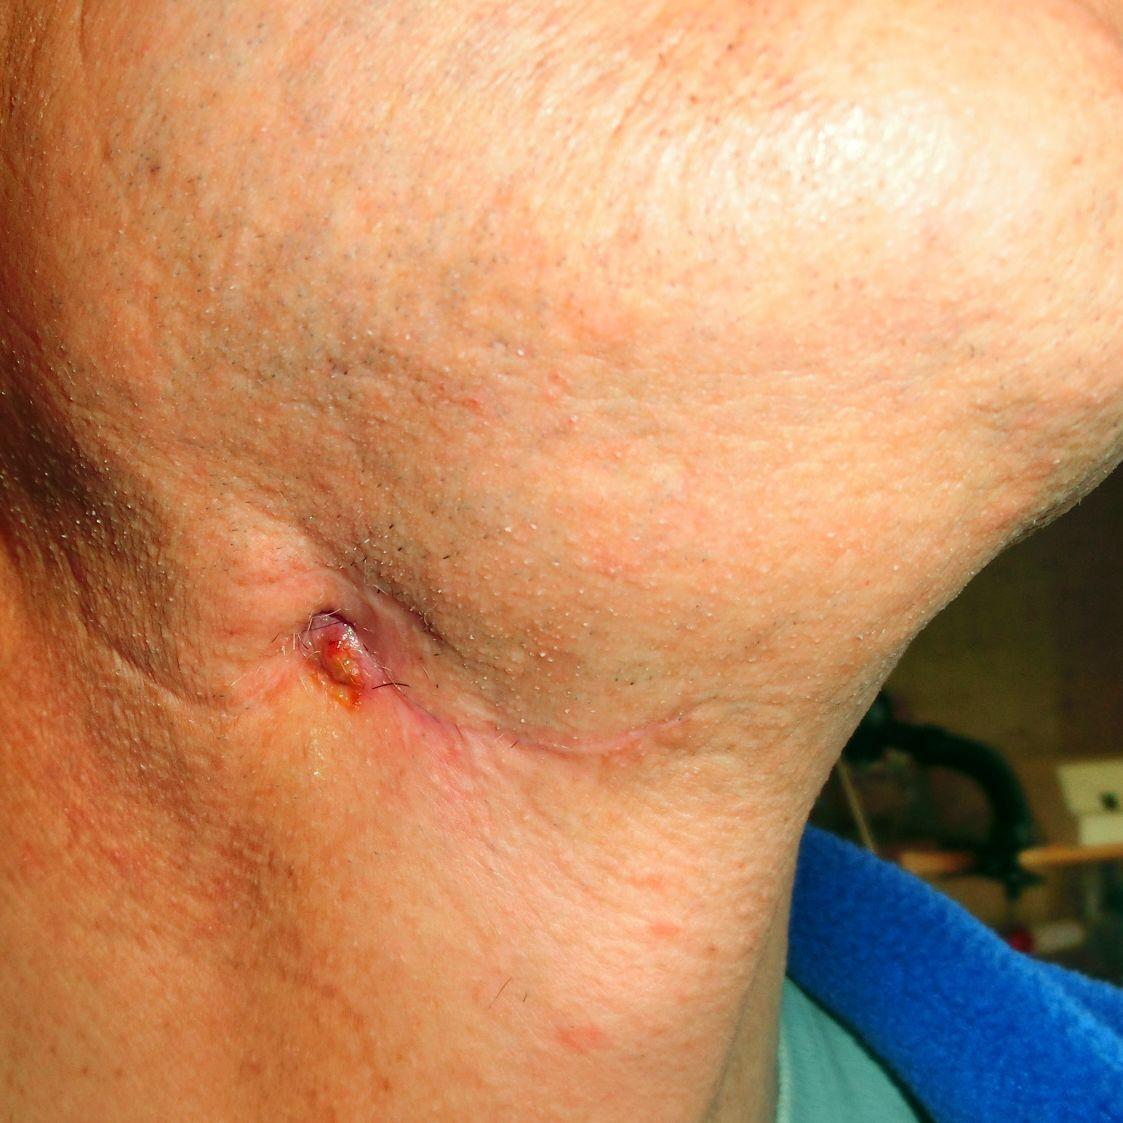 lymphknoten am hals geschwollen